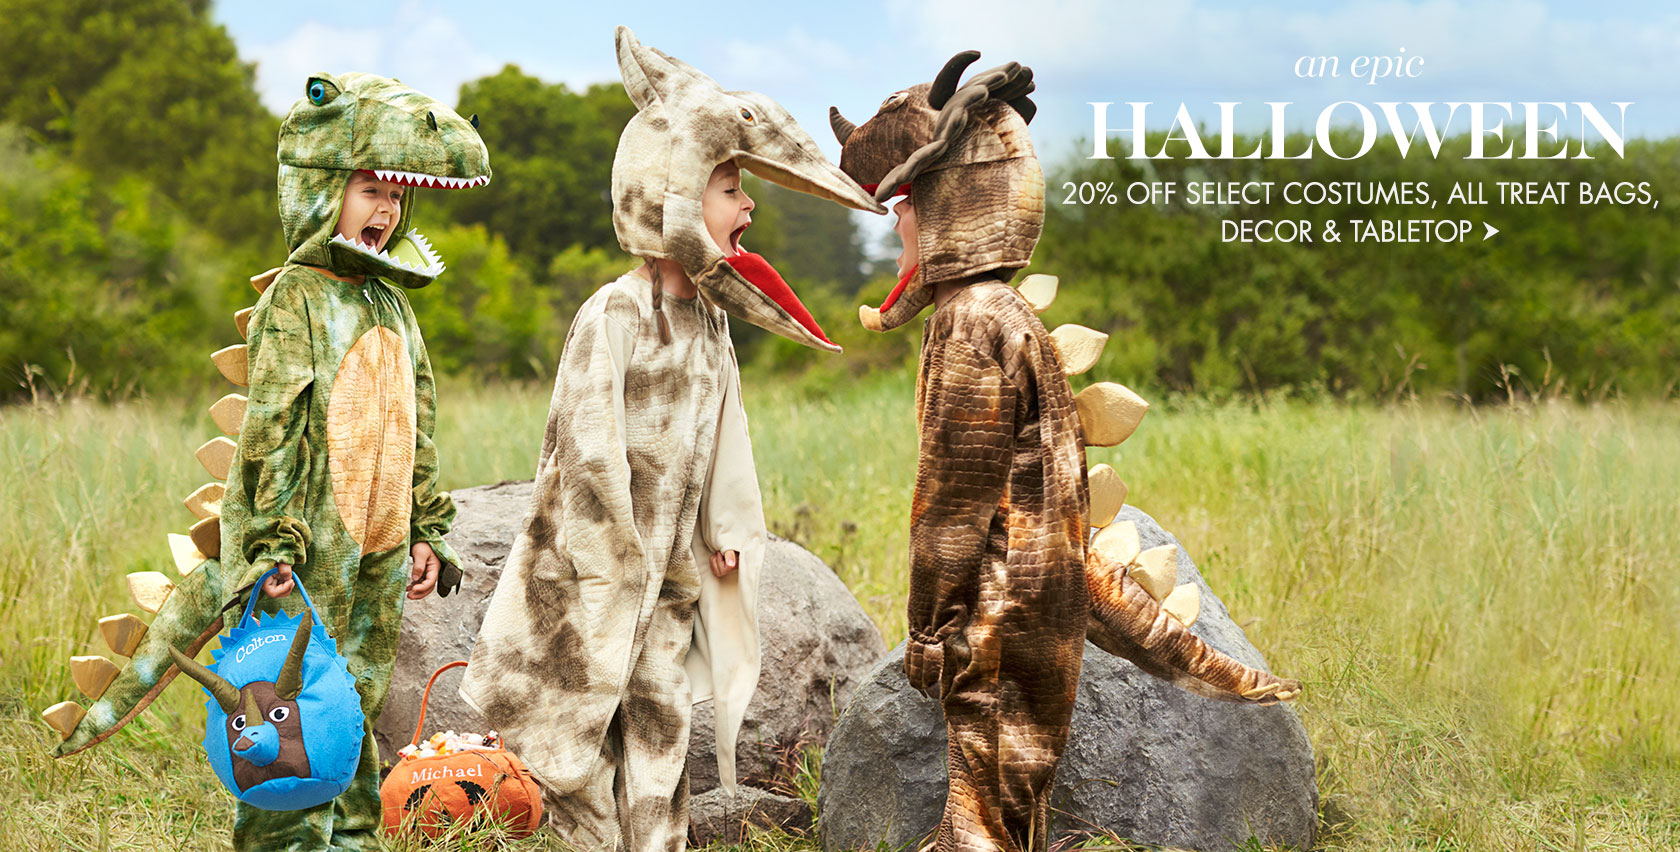 An epic Halloween